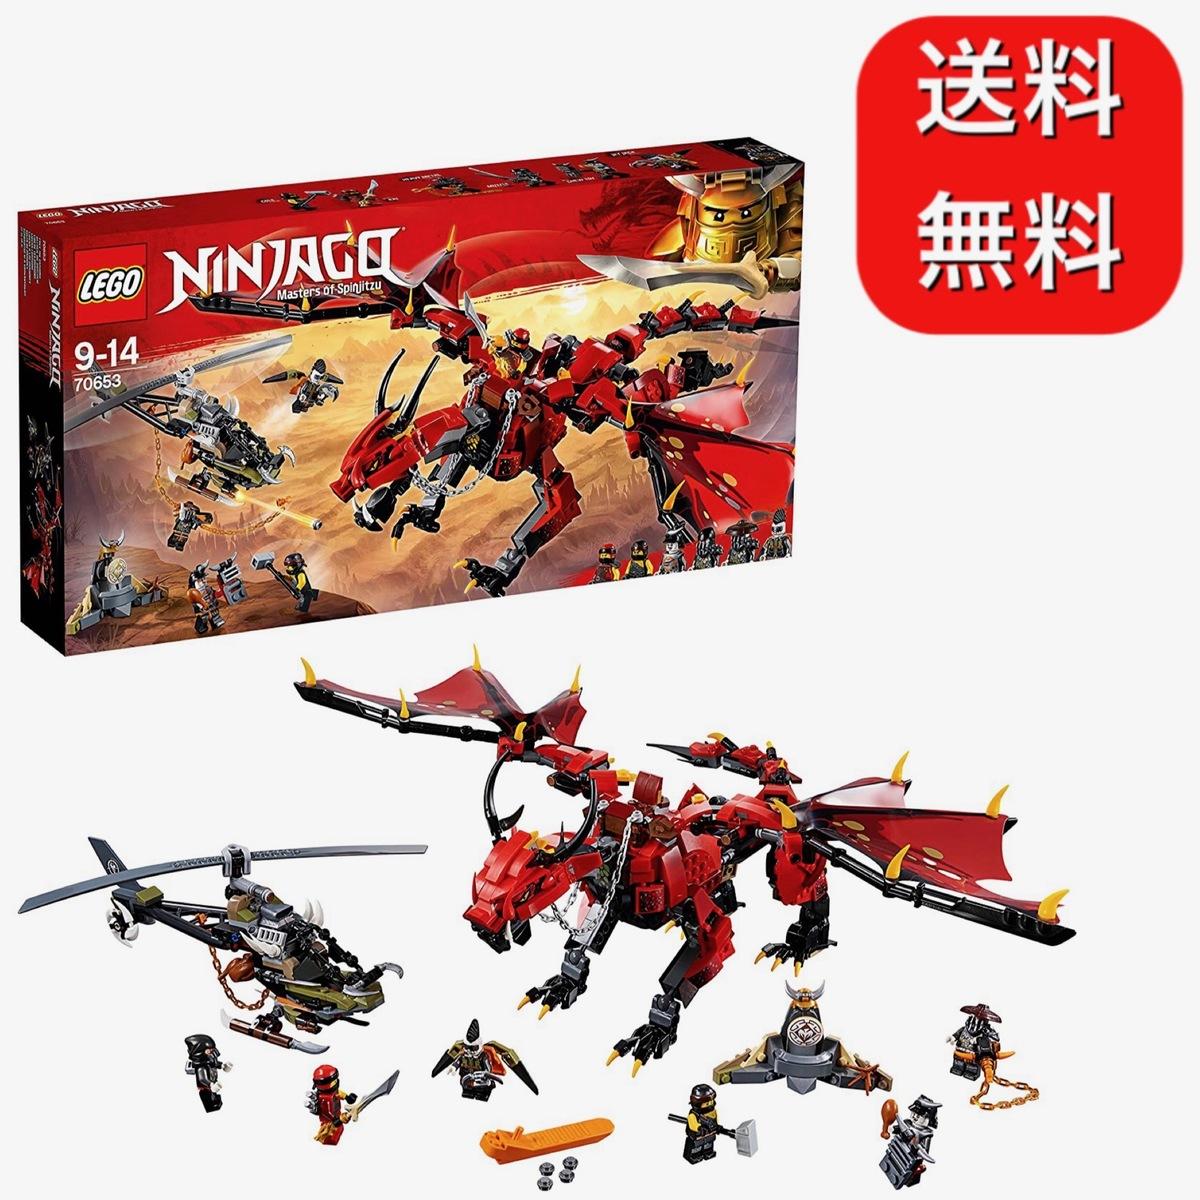 全国一律送料無料 レゴ LEGO お求めやすく価格改定 ニンジャゴー 伝説のエレメント 70653 海外輸入 ドラゴン:メリュジーナ